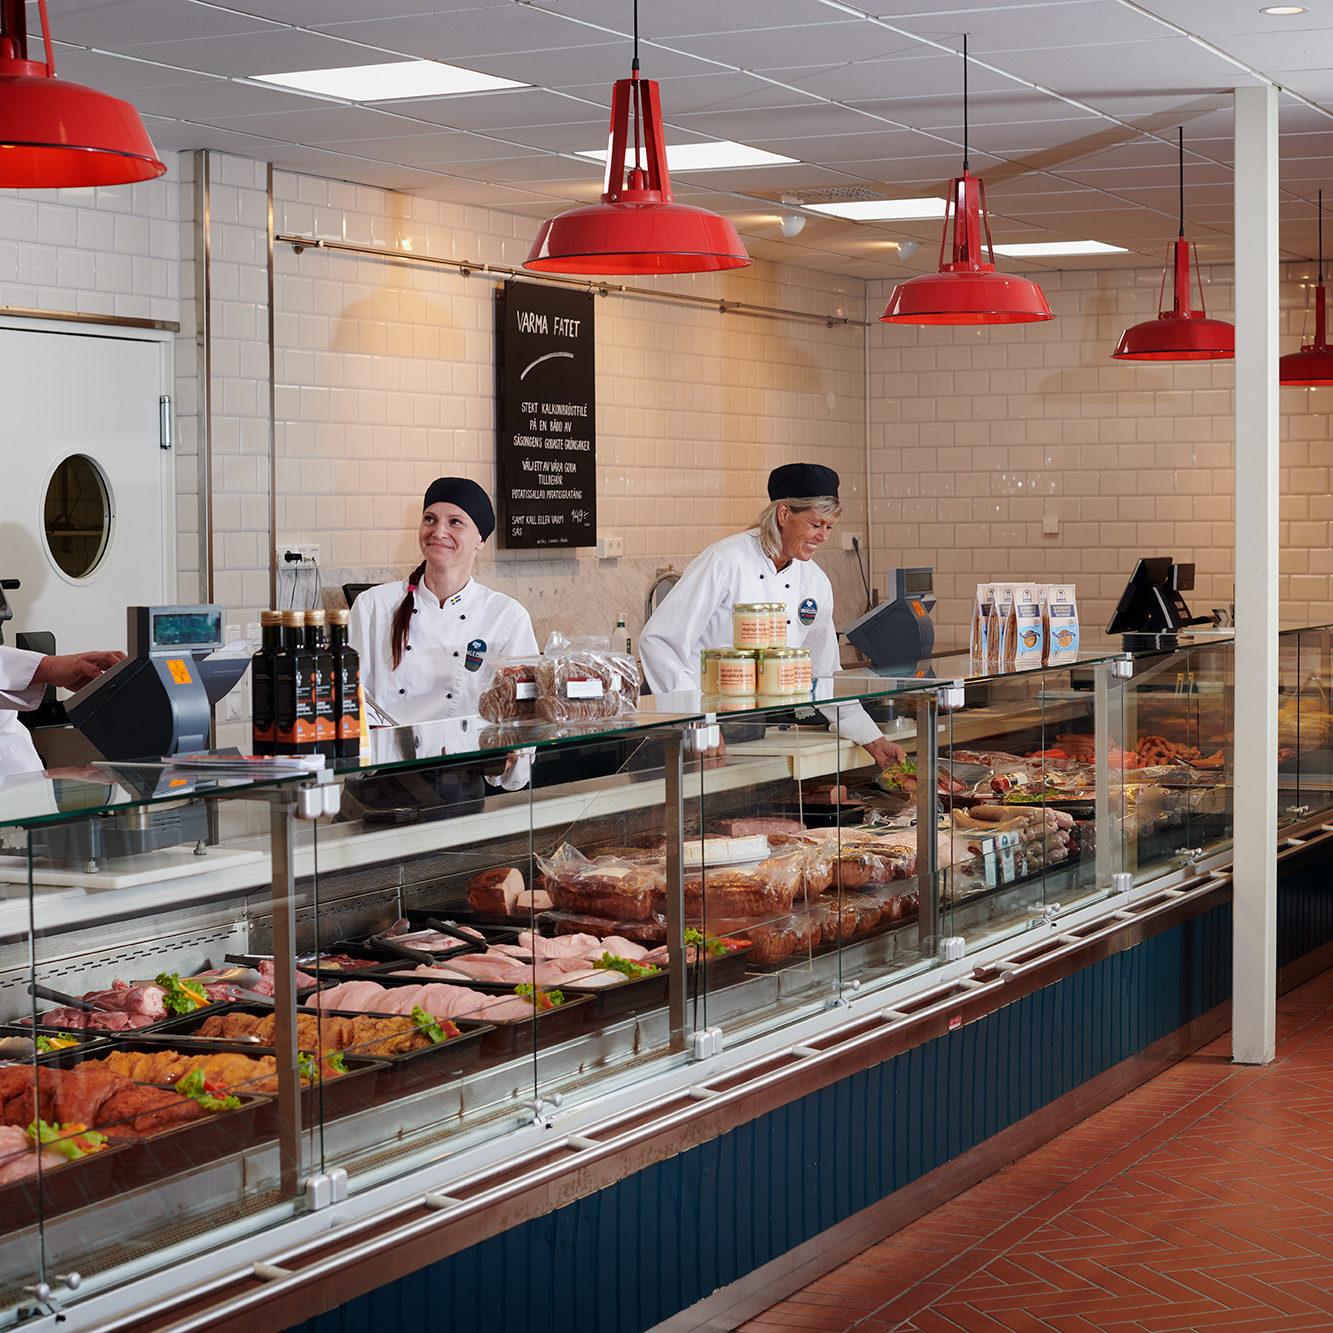 Jesper, Liv and Marita in the deli counter.